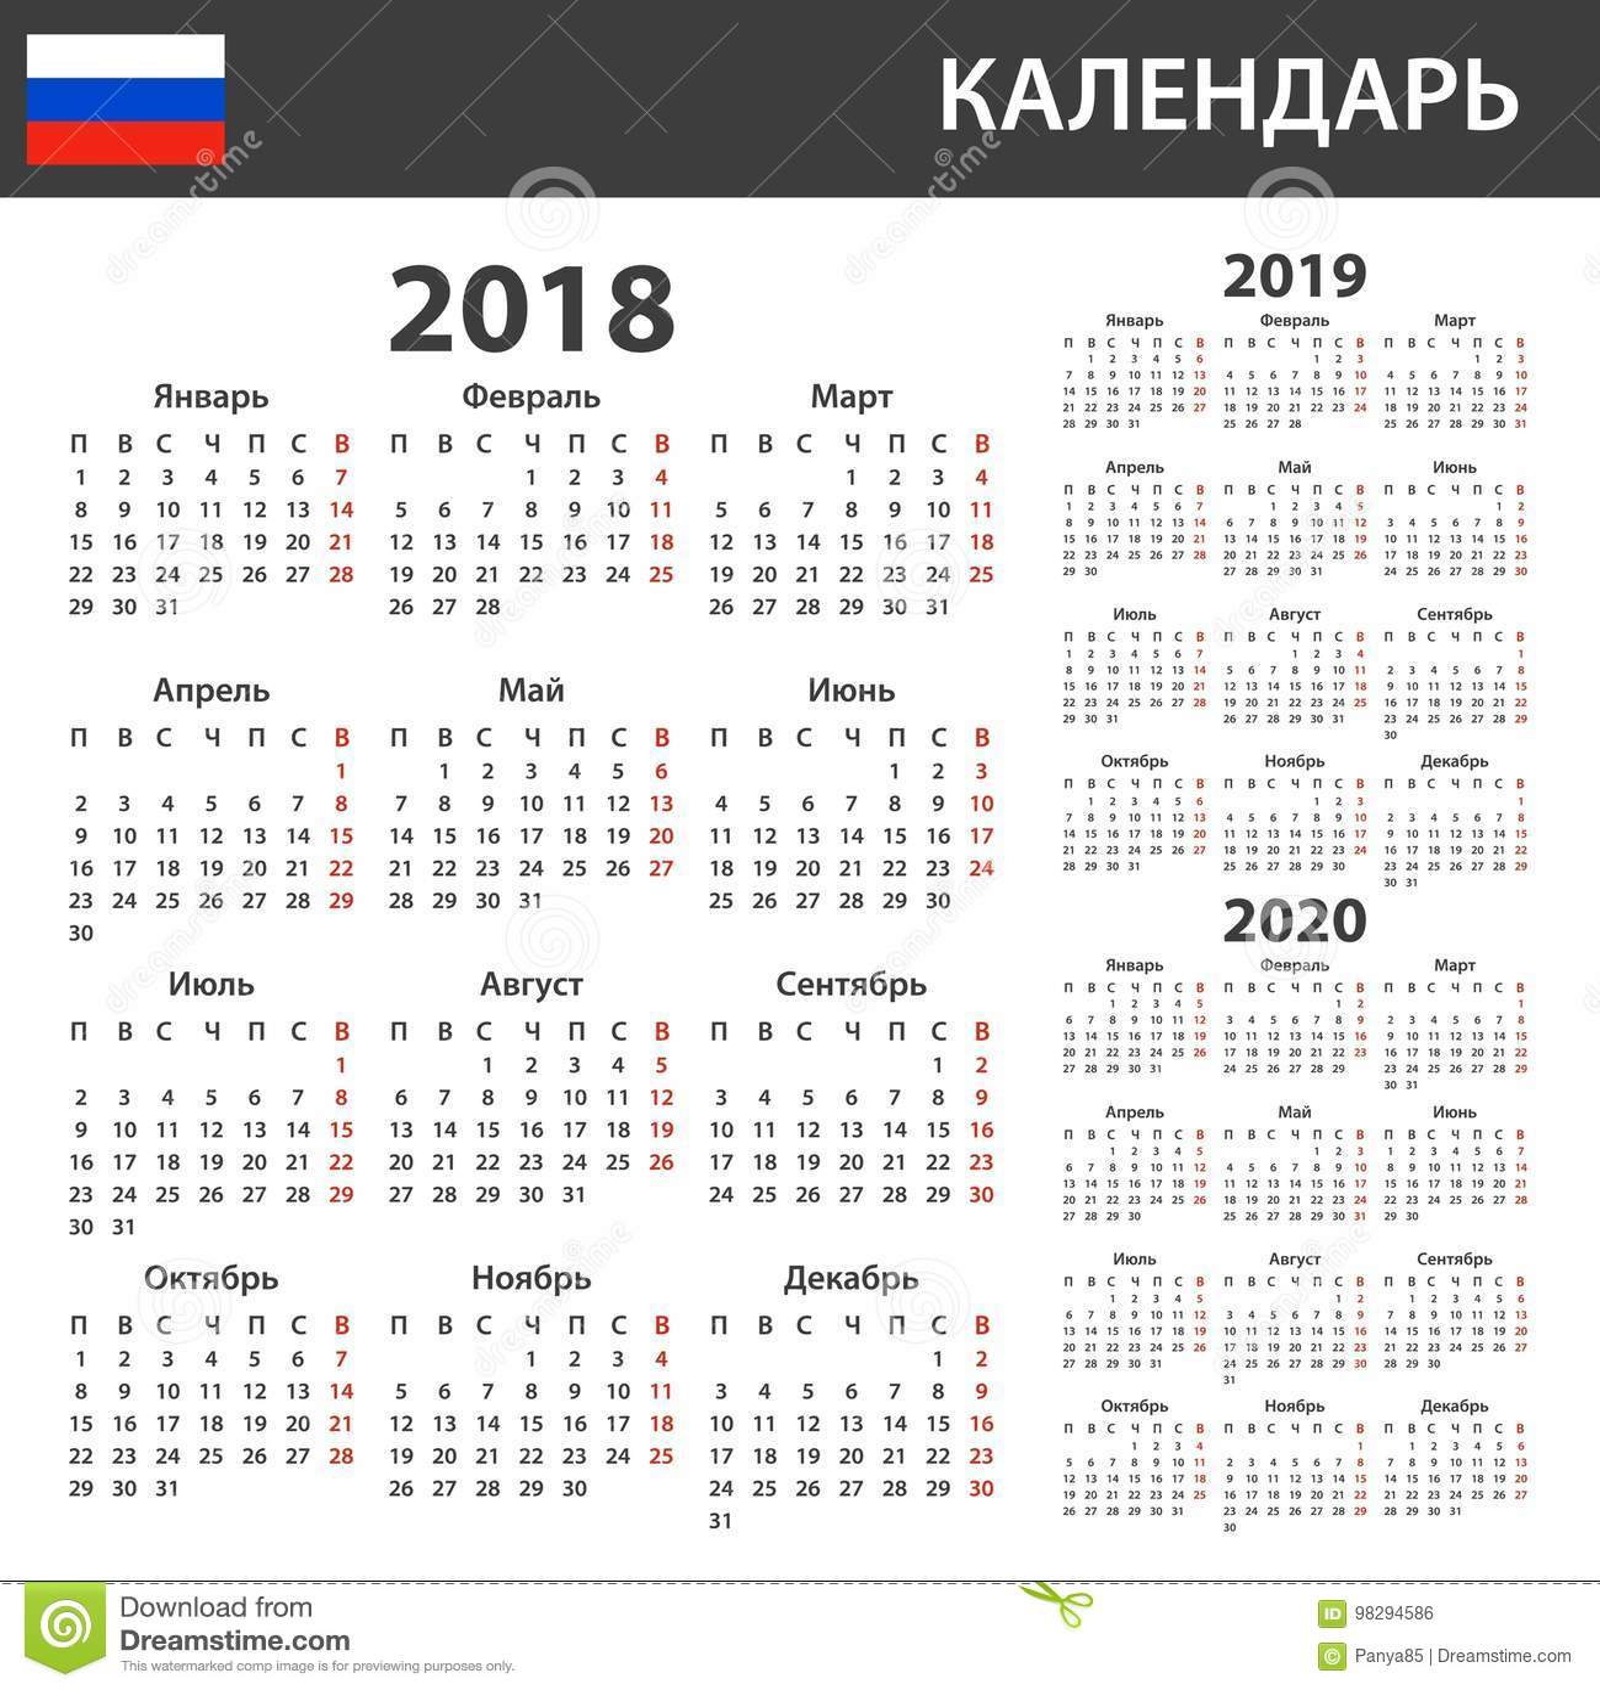 russischer kalender f r 2018 2019 und 2020 scheduler tagesordnung oder tagebuchschablone. Black Bedroom Furniture Sets. Home Design Ideas